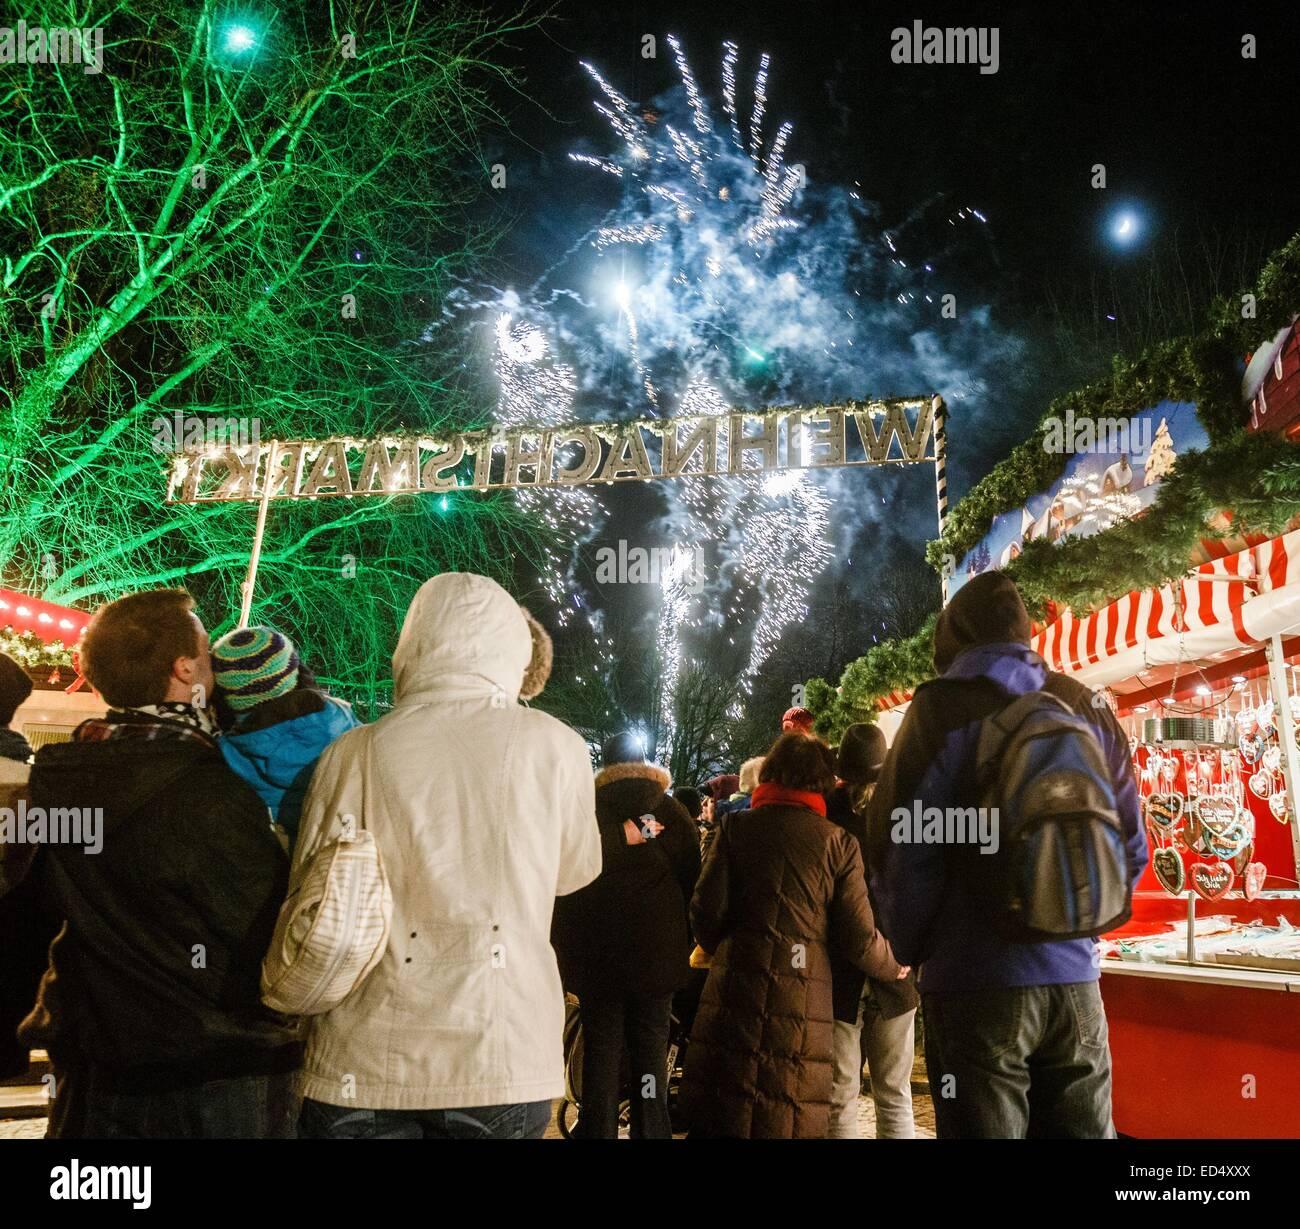 Amburgo, Germania. 27 dic 2014. Fuochi d'artificio esplodono in Harburg mercatino di Natale di Amburgo, Germania, Immagini Stock